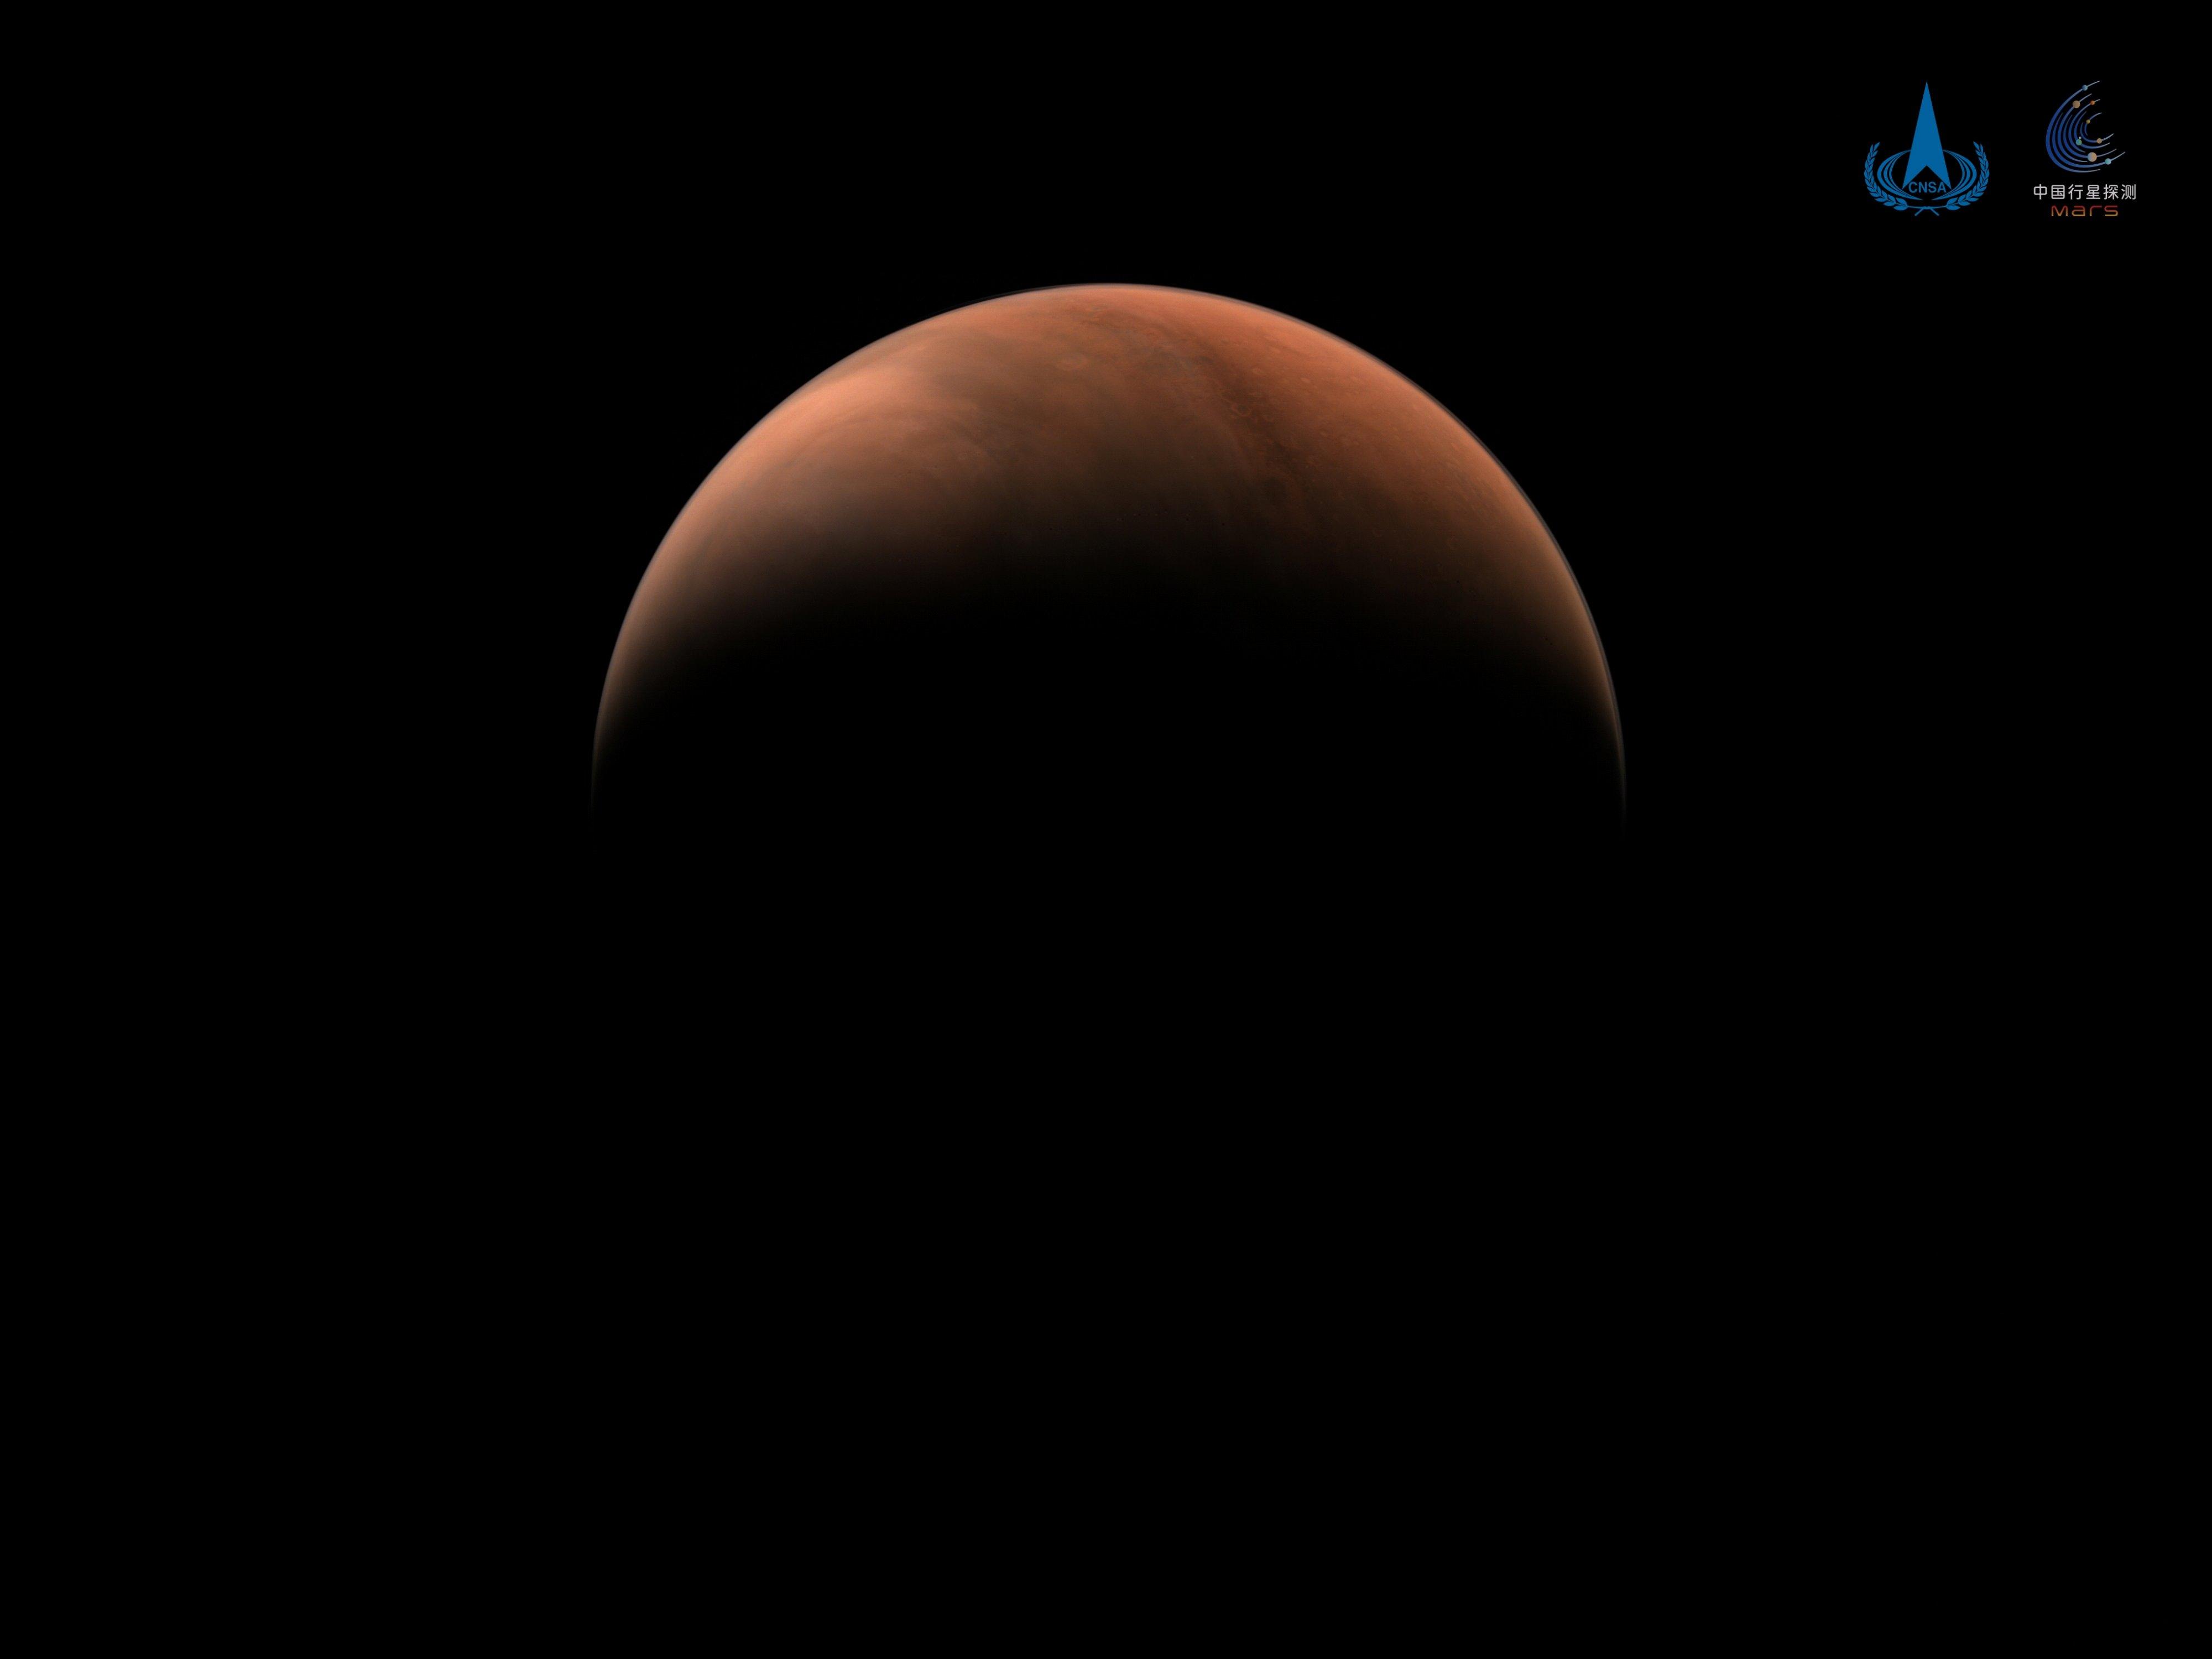 كوكب المريخ من الظل